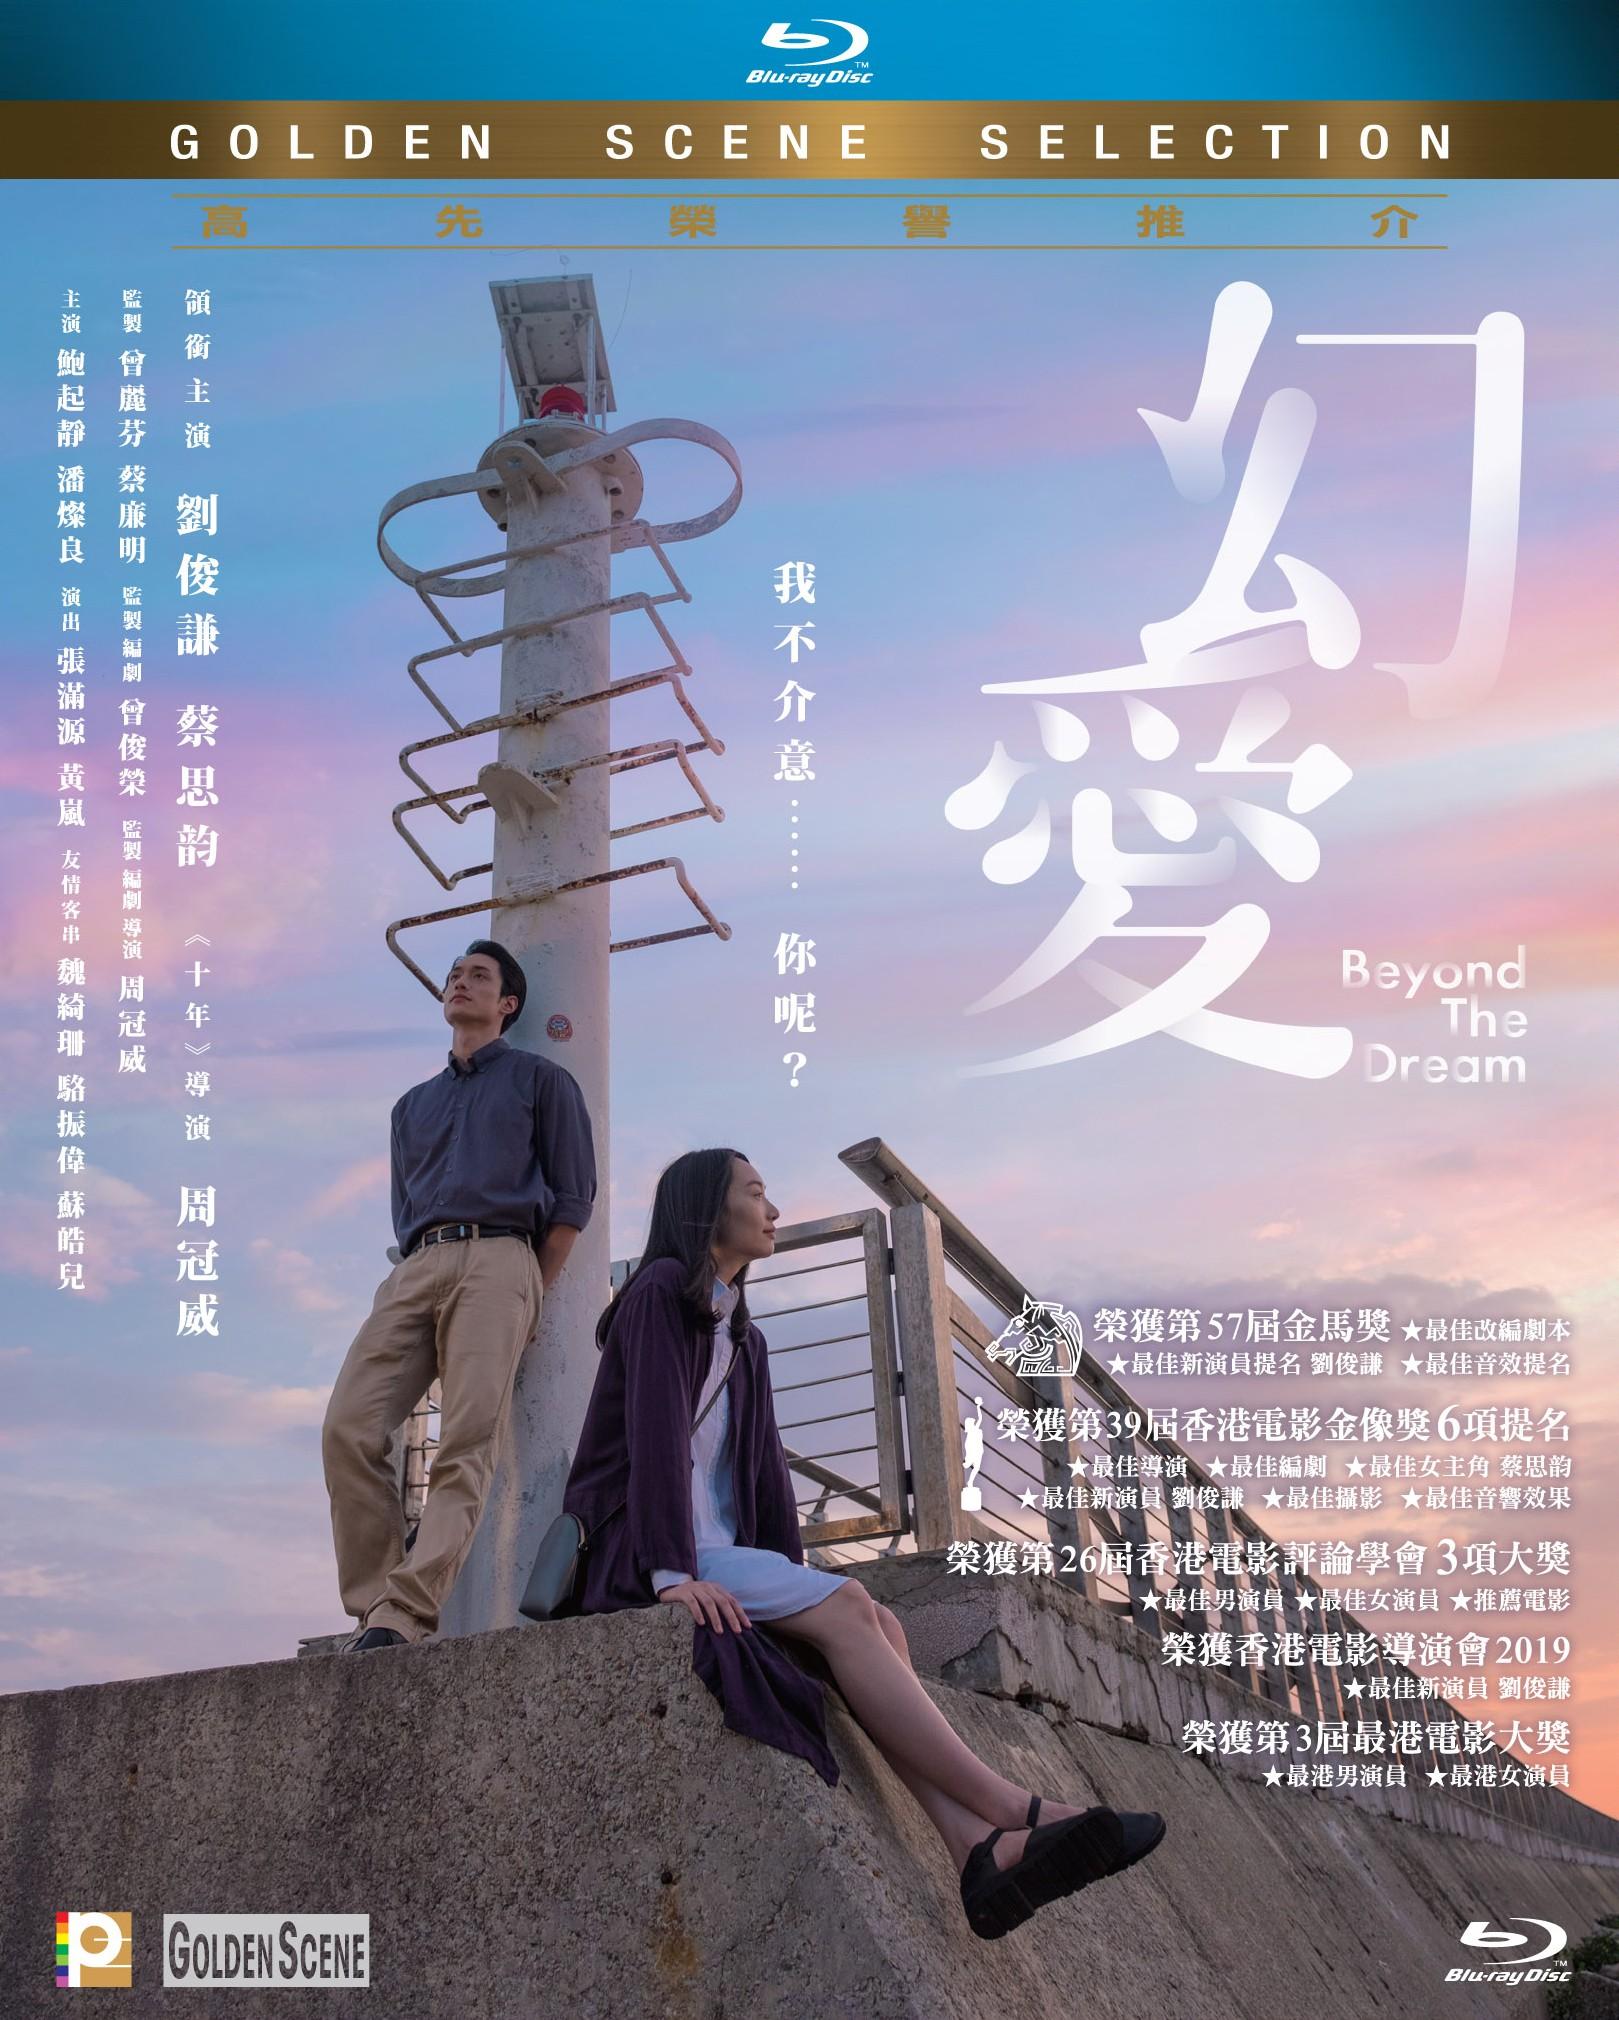 https://shop.panorama.com.hk/hk/romance/3595--.html